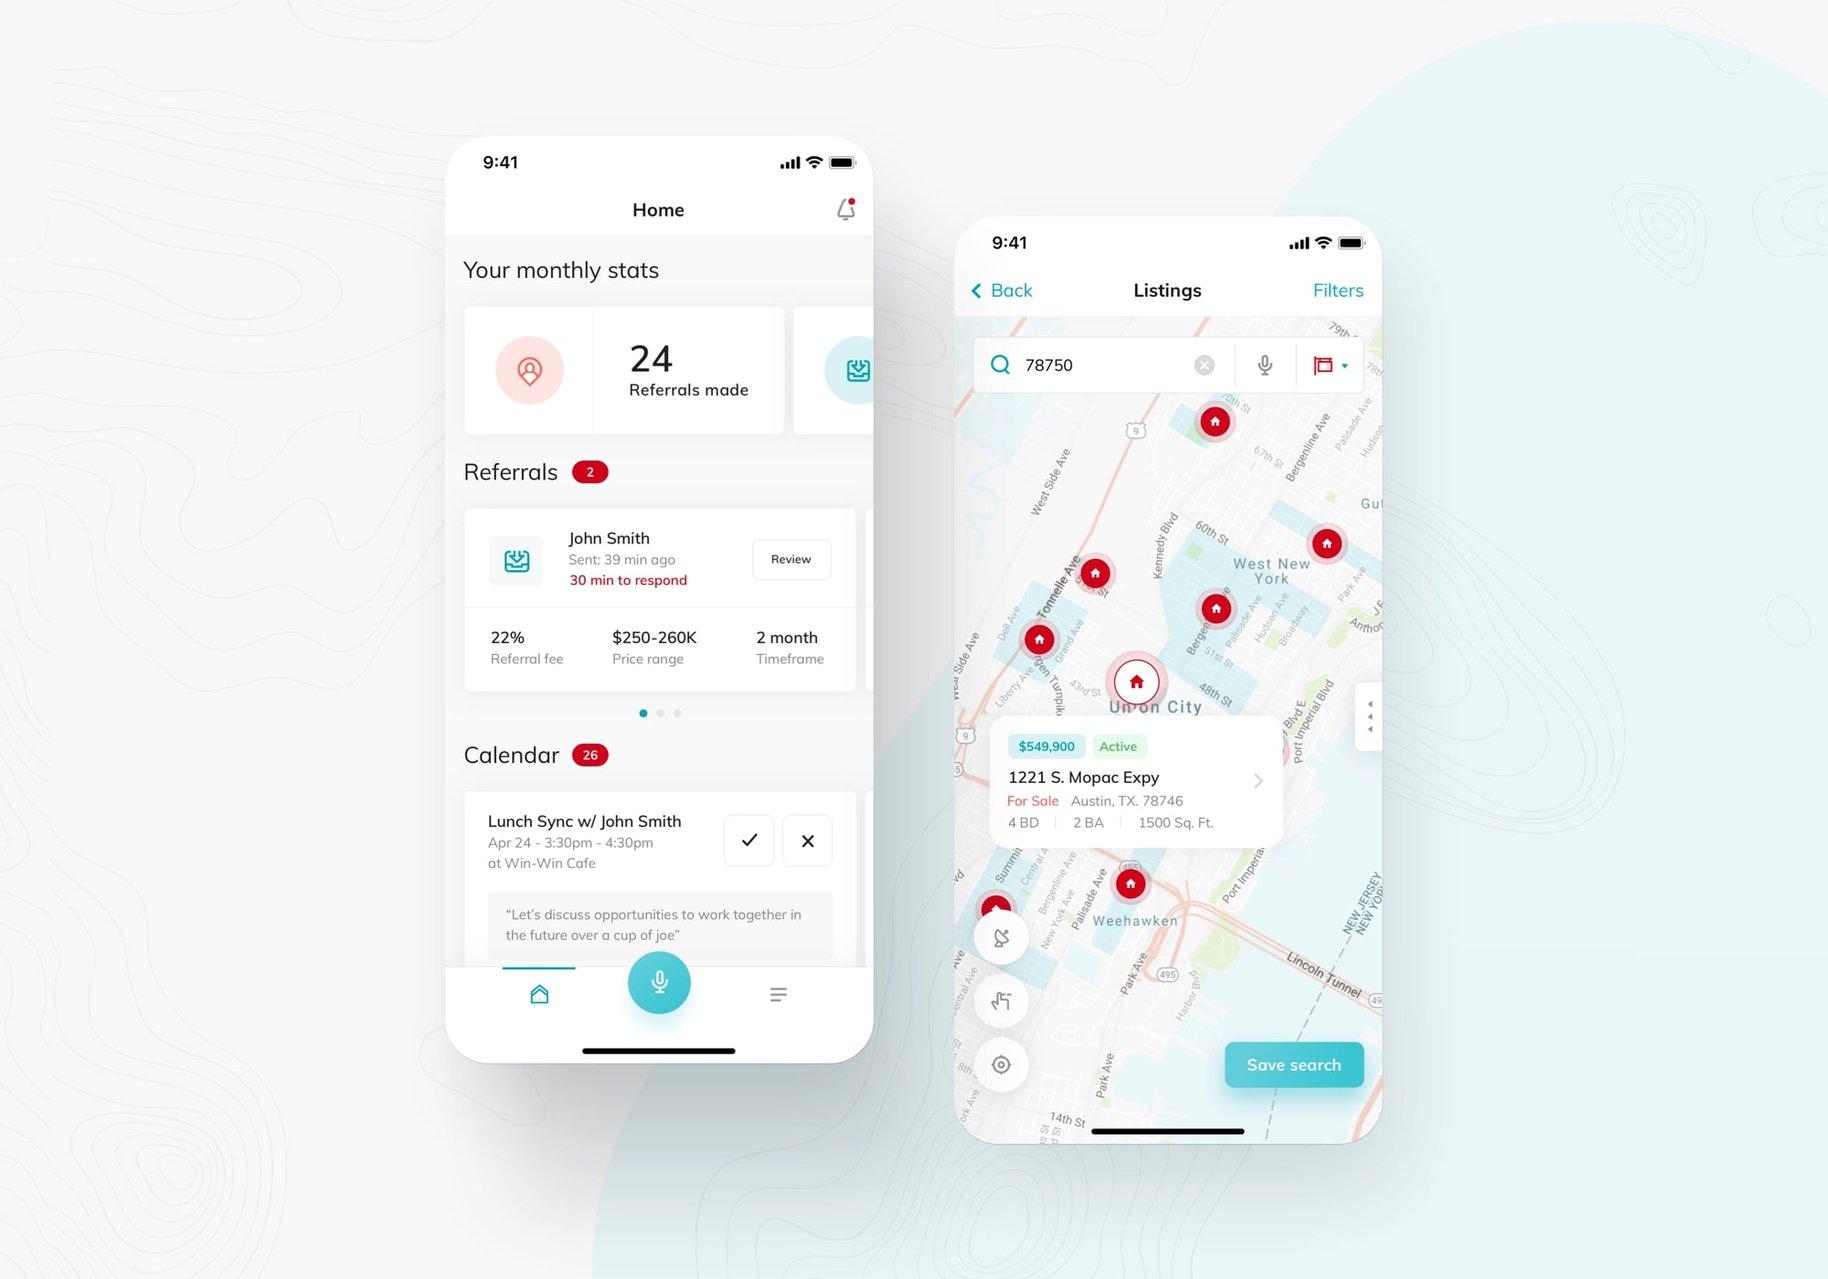 keller williams app interface